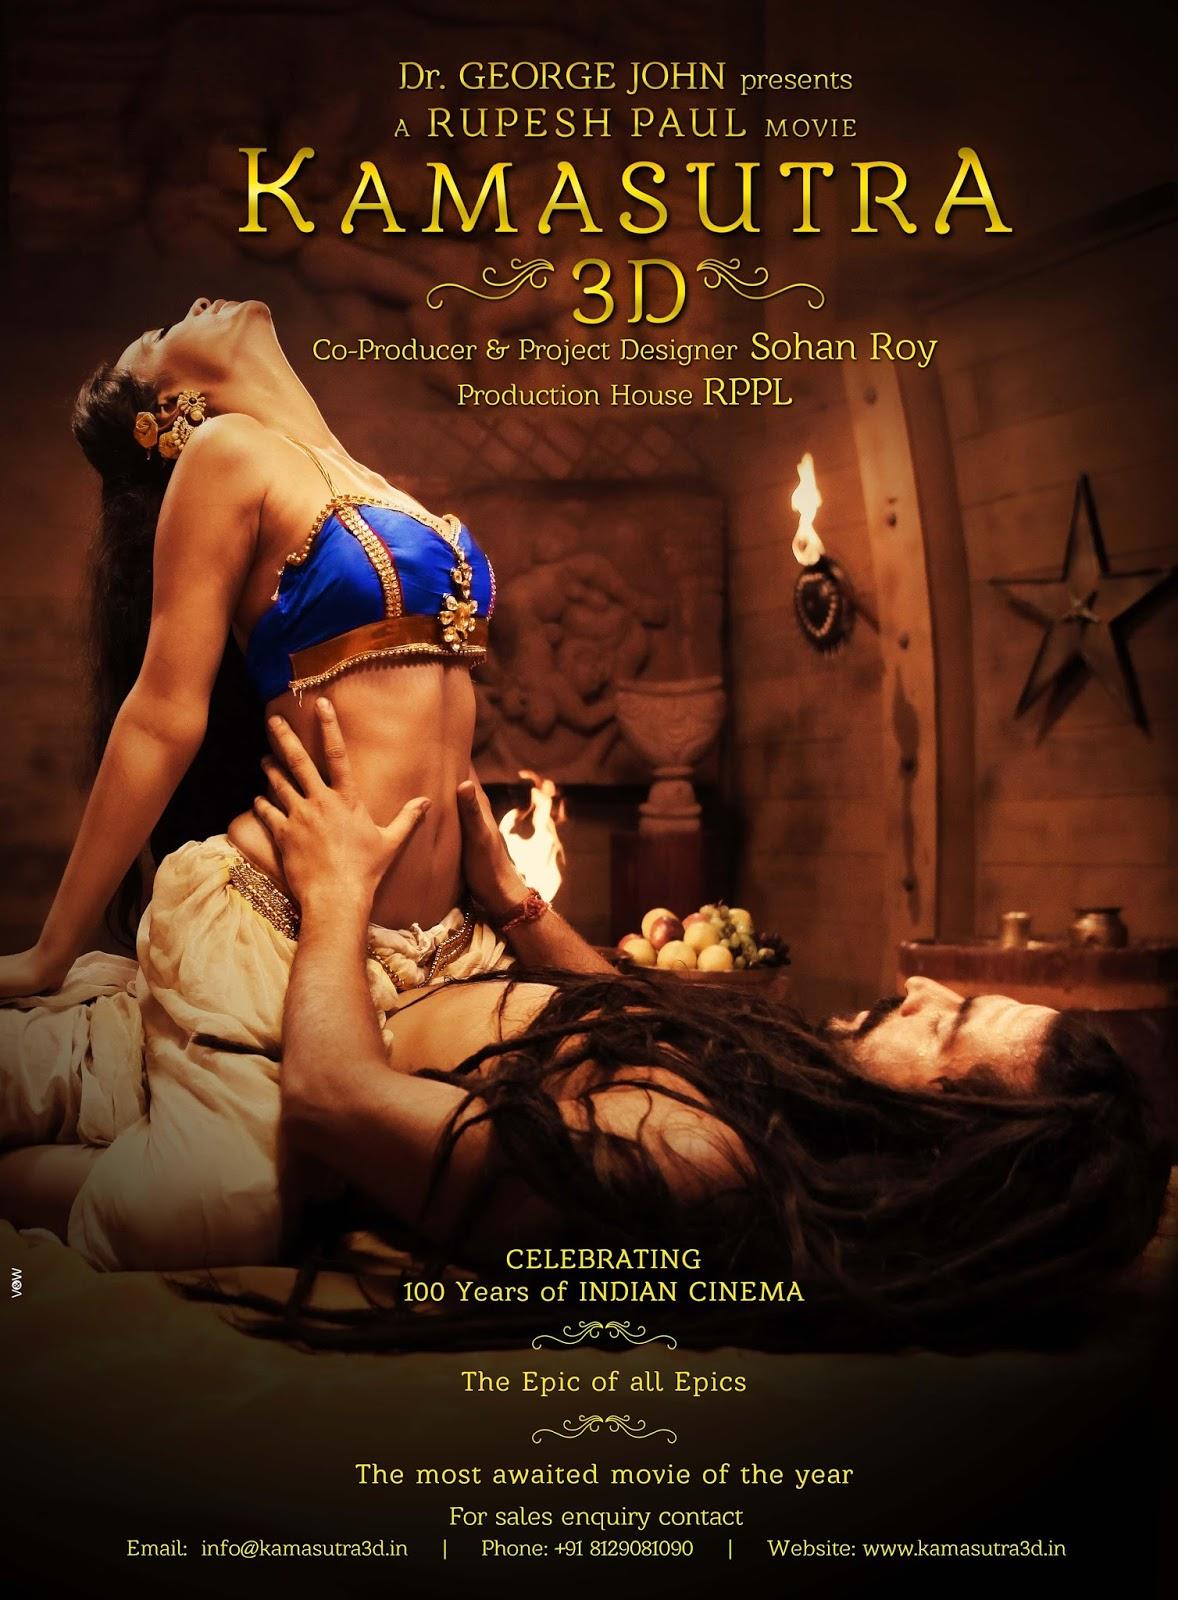 Смотреть фильмы онлайн бесплатно современная камасутра анальный секс